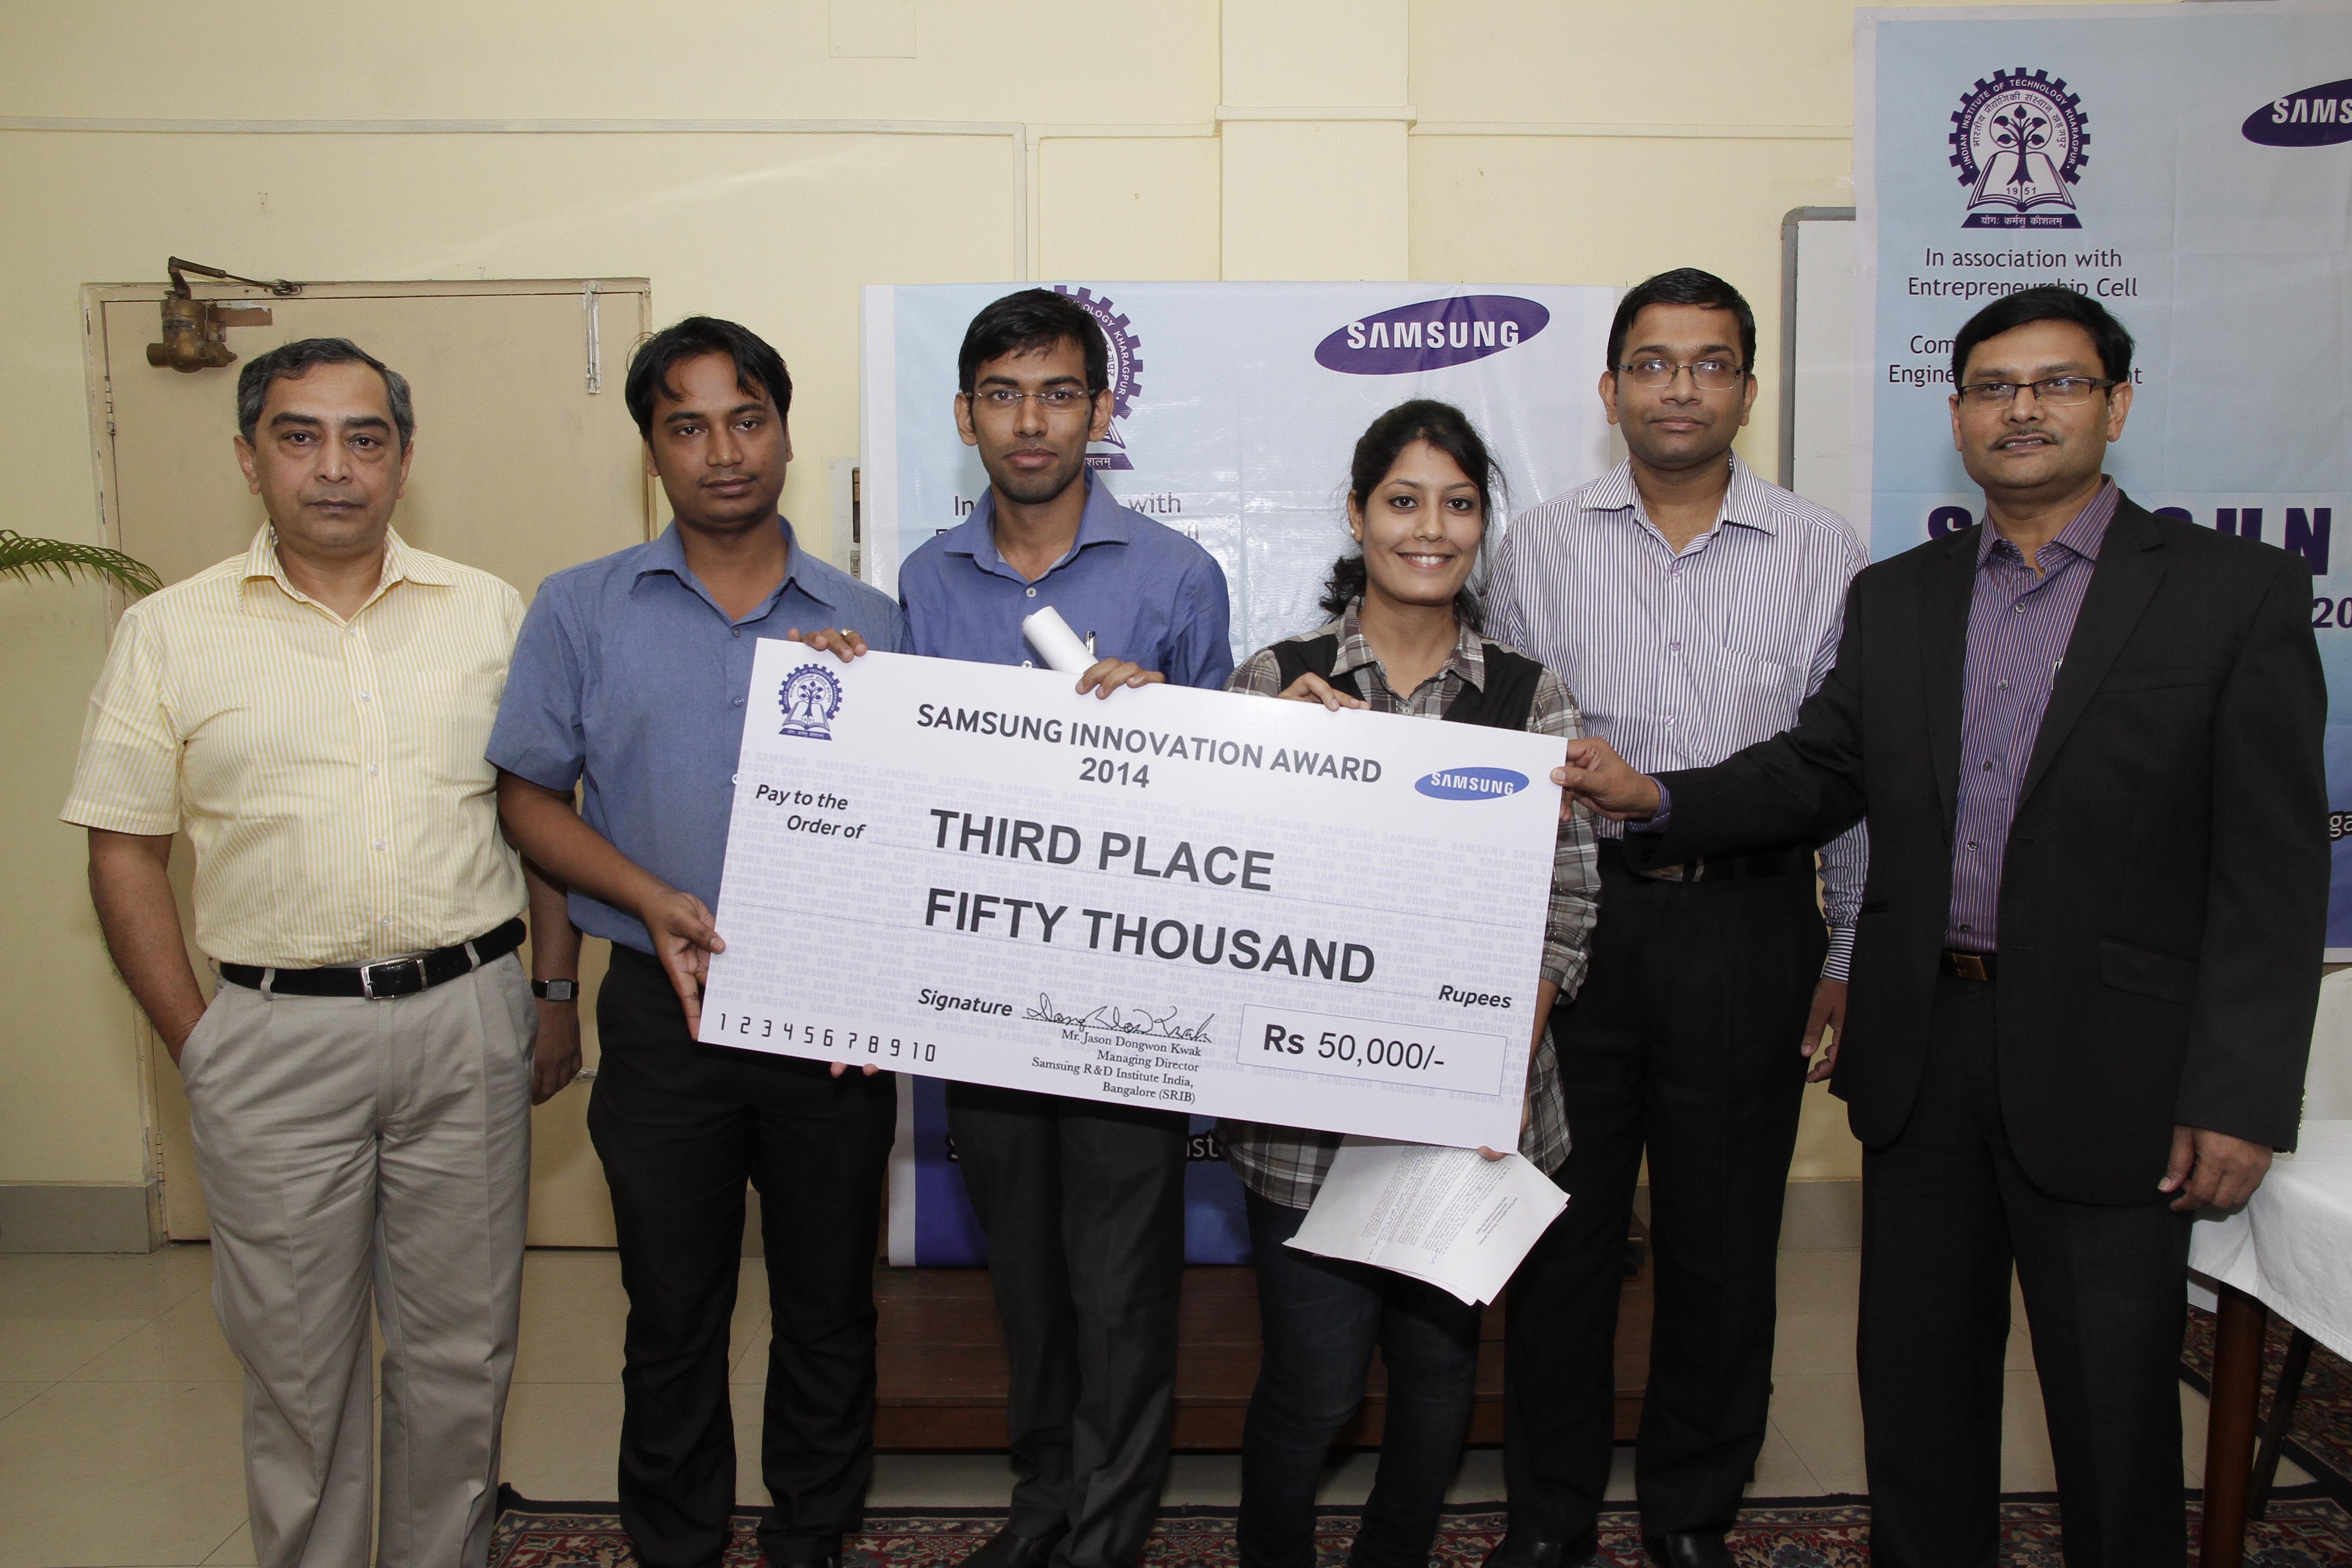 Samsung Innovation Award, 2014